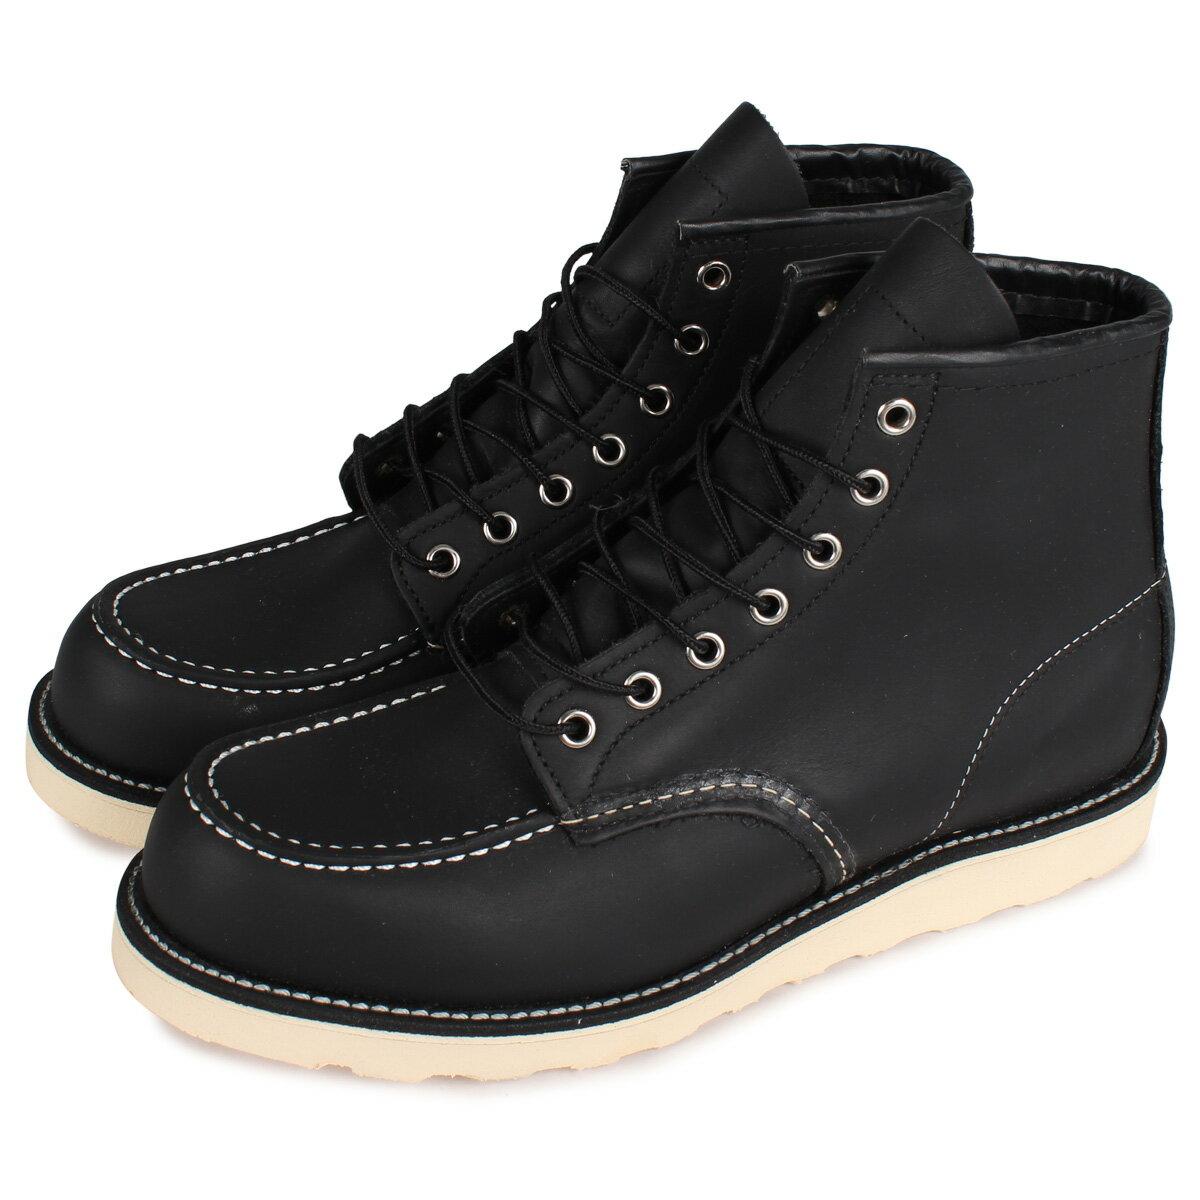 ブーツ, ワーク 1000OFF RED WING 6INCH CLASSIC MOC TOE 6 D 9075